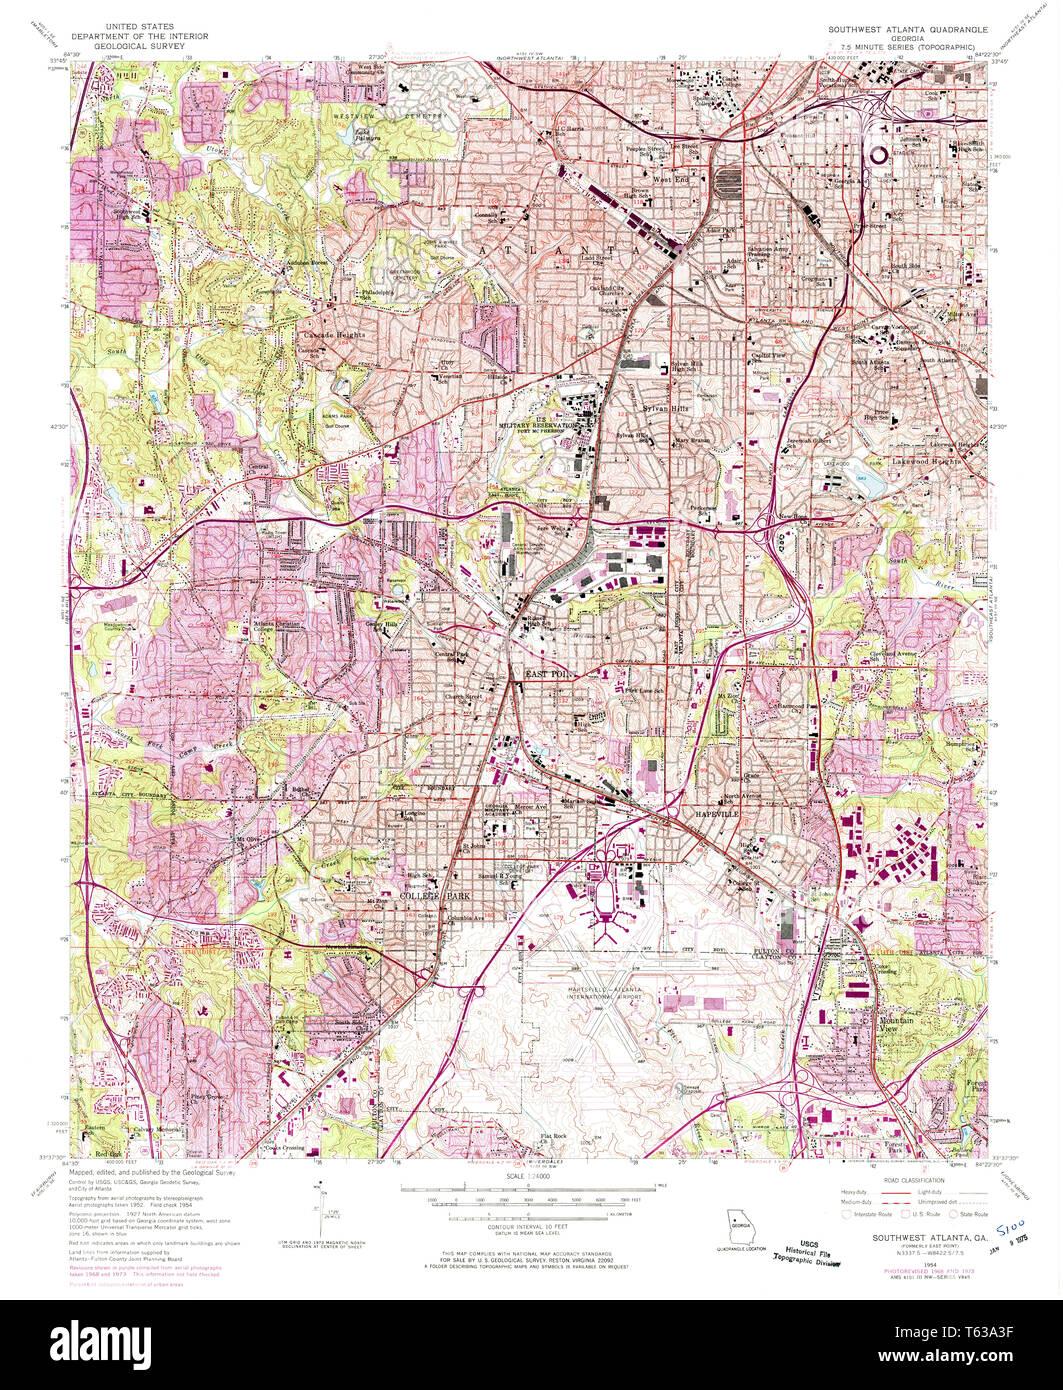 Map Of Southwest Georgia.Usgs Topo Map Georgia Ga Southwest Atlanta 246972 1954 24000